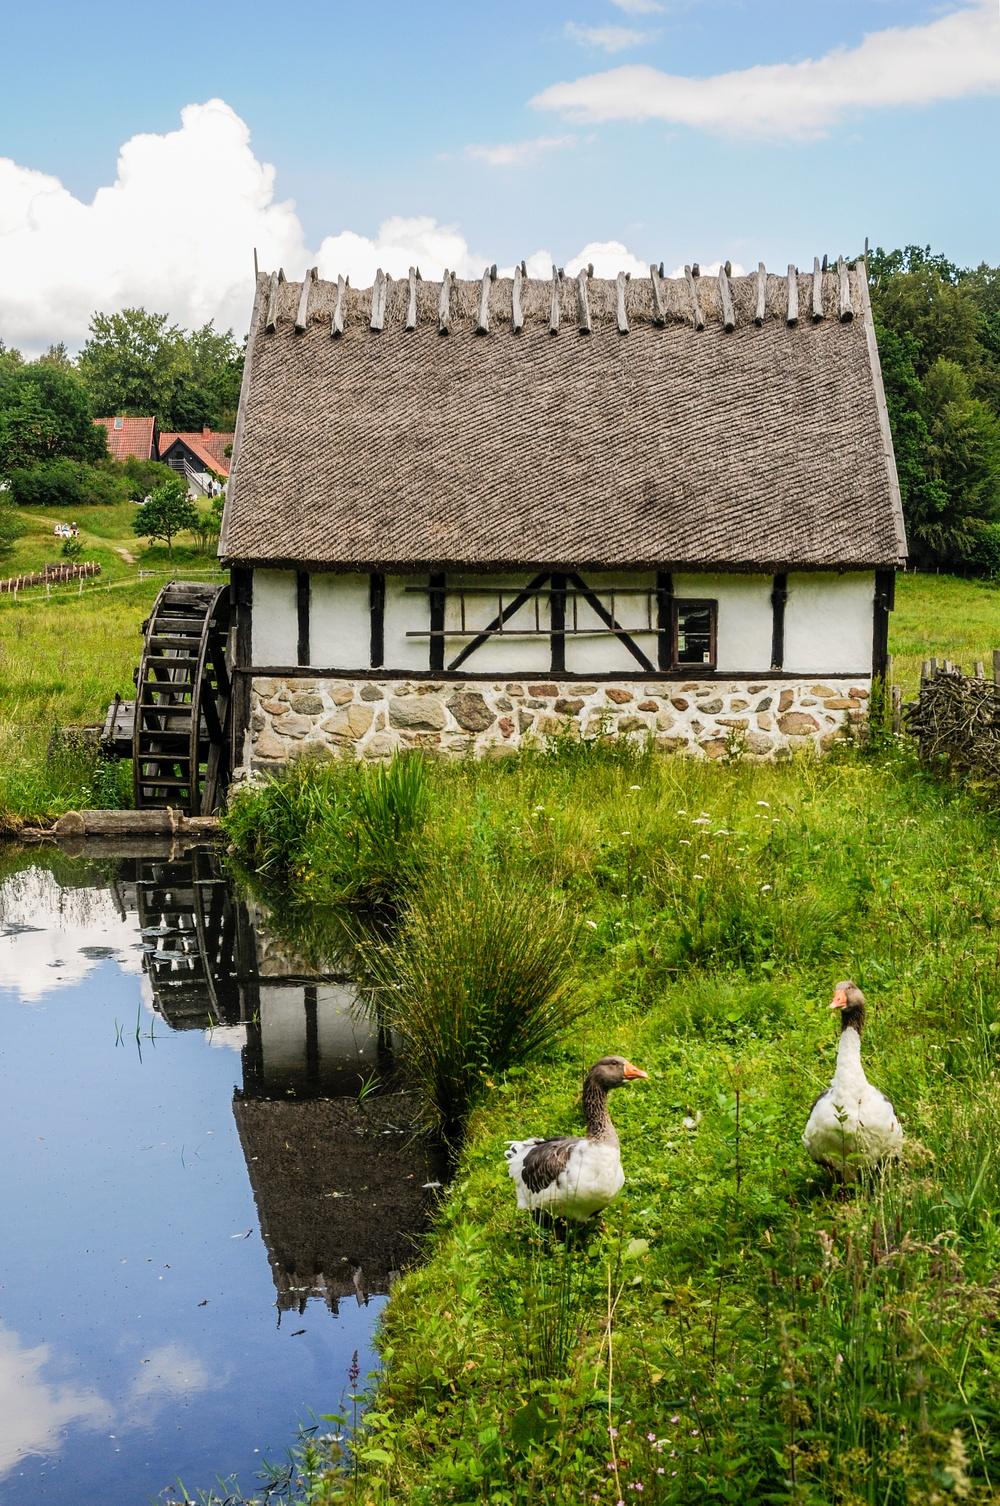 Vid dammen bor Skånegässen, och här ligger också vattenkvarnen. Foto: Viveca Ohlsson, Kulturen